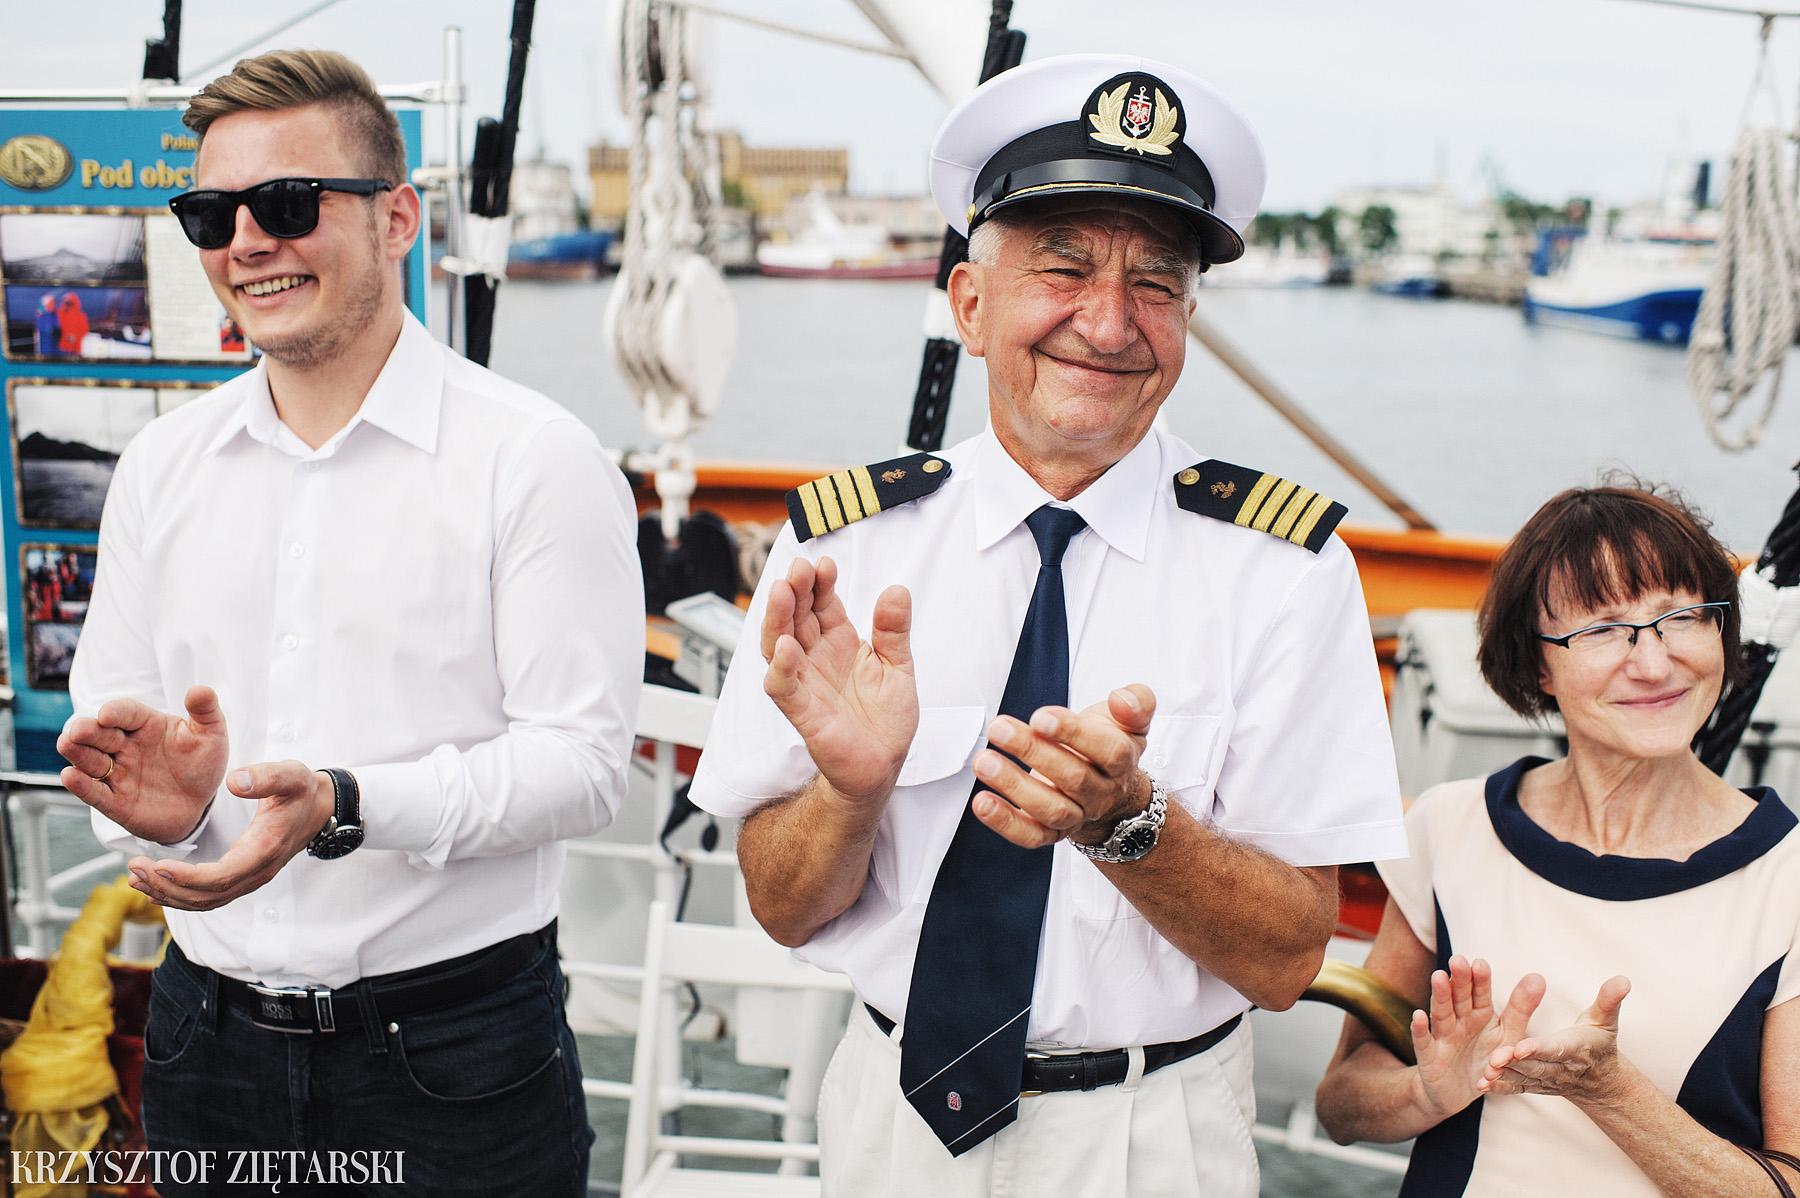 Gosia i Gabriele - Fotografia ślubna Gdynia - Dar Pomorza, Gościniec dla Przyjaciół Wyczechowo, Sea Towers - 23.